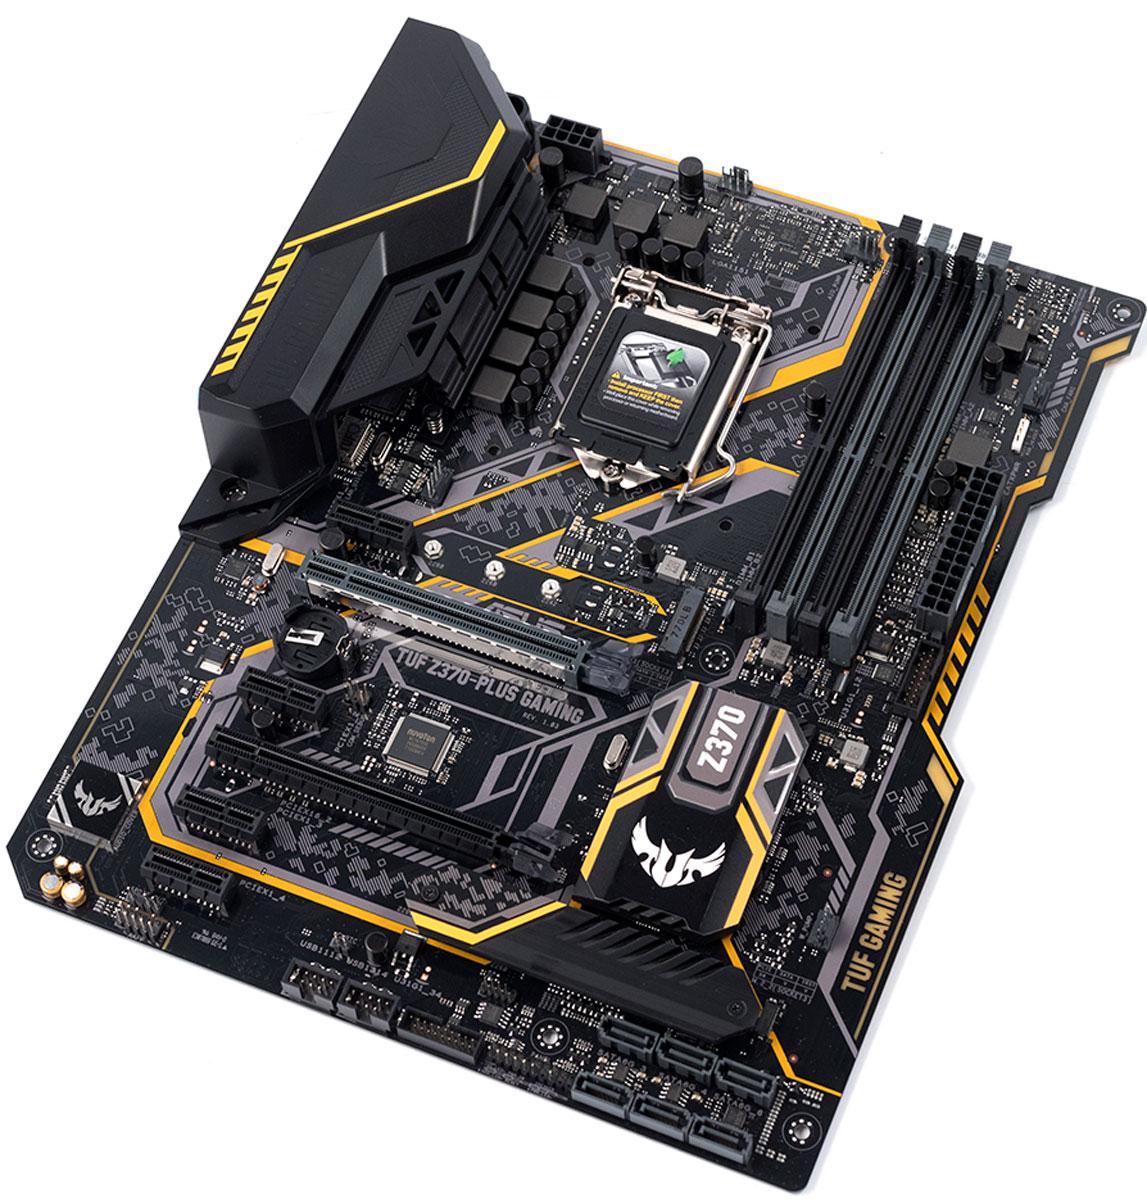 ASUS TUF Z370-Plus Gaming материнская платаTUF Z370-PLUS GAMINGASUS TUF Z370-Plus Gaming - это высоконадежная геймерская материнская плата формата ATX с процессорным разъемом Intel LGA1151,светодиодной подсветкой Aura и современными интерфейсами.Материнская плата TUF Gaming – высококачественное устройство, которое отличается высокой надежностью и стильным, агрессивнымдизайном. Модель TUF Z370-Plus Gaming станет прекрасным выбором для игровой компьютерной системы, которую собирают с прицелом надолговременное использование.Технология DTS Custom, реализованная в аудиосистеме данной материнской платы, использует специальные алгоритмы для эмуляциипространственного звучания при использовании стереонаушников и гарнитур. Она работает в трех режимах, которые оптимизированы подигры определенных жанров.Материнские плата серии ASUS TUF Z370-Plus Gaming – это не только мощное и функциональное, но еще и невероятно красивое устройство,ведь оно оснащается встроенной подсветкой Aura с гибкой регулировкой. Кроме того, к плате можно подключить дополнительныесветодиодные ленты и синхронизировать визуальные эффекты с другими Aura-совместимыми устройствами ASUS, чтобы тем самым придатьеще большую индивидуальность и яркость всему компьютеру.Ethernet-контроллеры, разработанные специалистами Intel, славятся своей стабильной и эффективной работой при низком уровне загрузкицентрального процессора. Разъем проводной сети Ethernet дополнительно защищен от электростатических разрядов и всплесков напряжения.Утилита Turbo LAN с технологией управления сетевым трафиком cFosSpeed позволяет легко уменьшить лаги во время игры через интернетпосредством удобного программного интерфейса. Для удобства настройки в ней имеется специальный геймерский режим, в котором всеигровые данные будут иметь максимальный приоритет при передаче по сети.Для слотов памяти используется оптимизированная разводка в определенном слое печатной платы (технология OptiMem), способствующаяминимизации электромагнитных помех, и T-образ